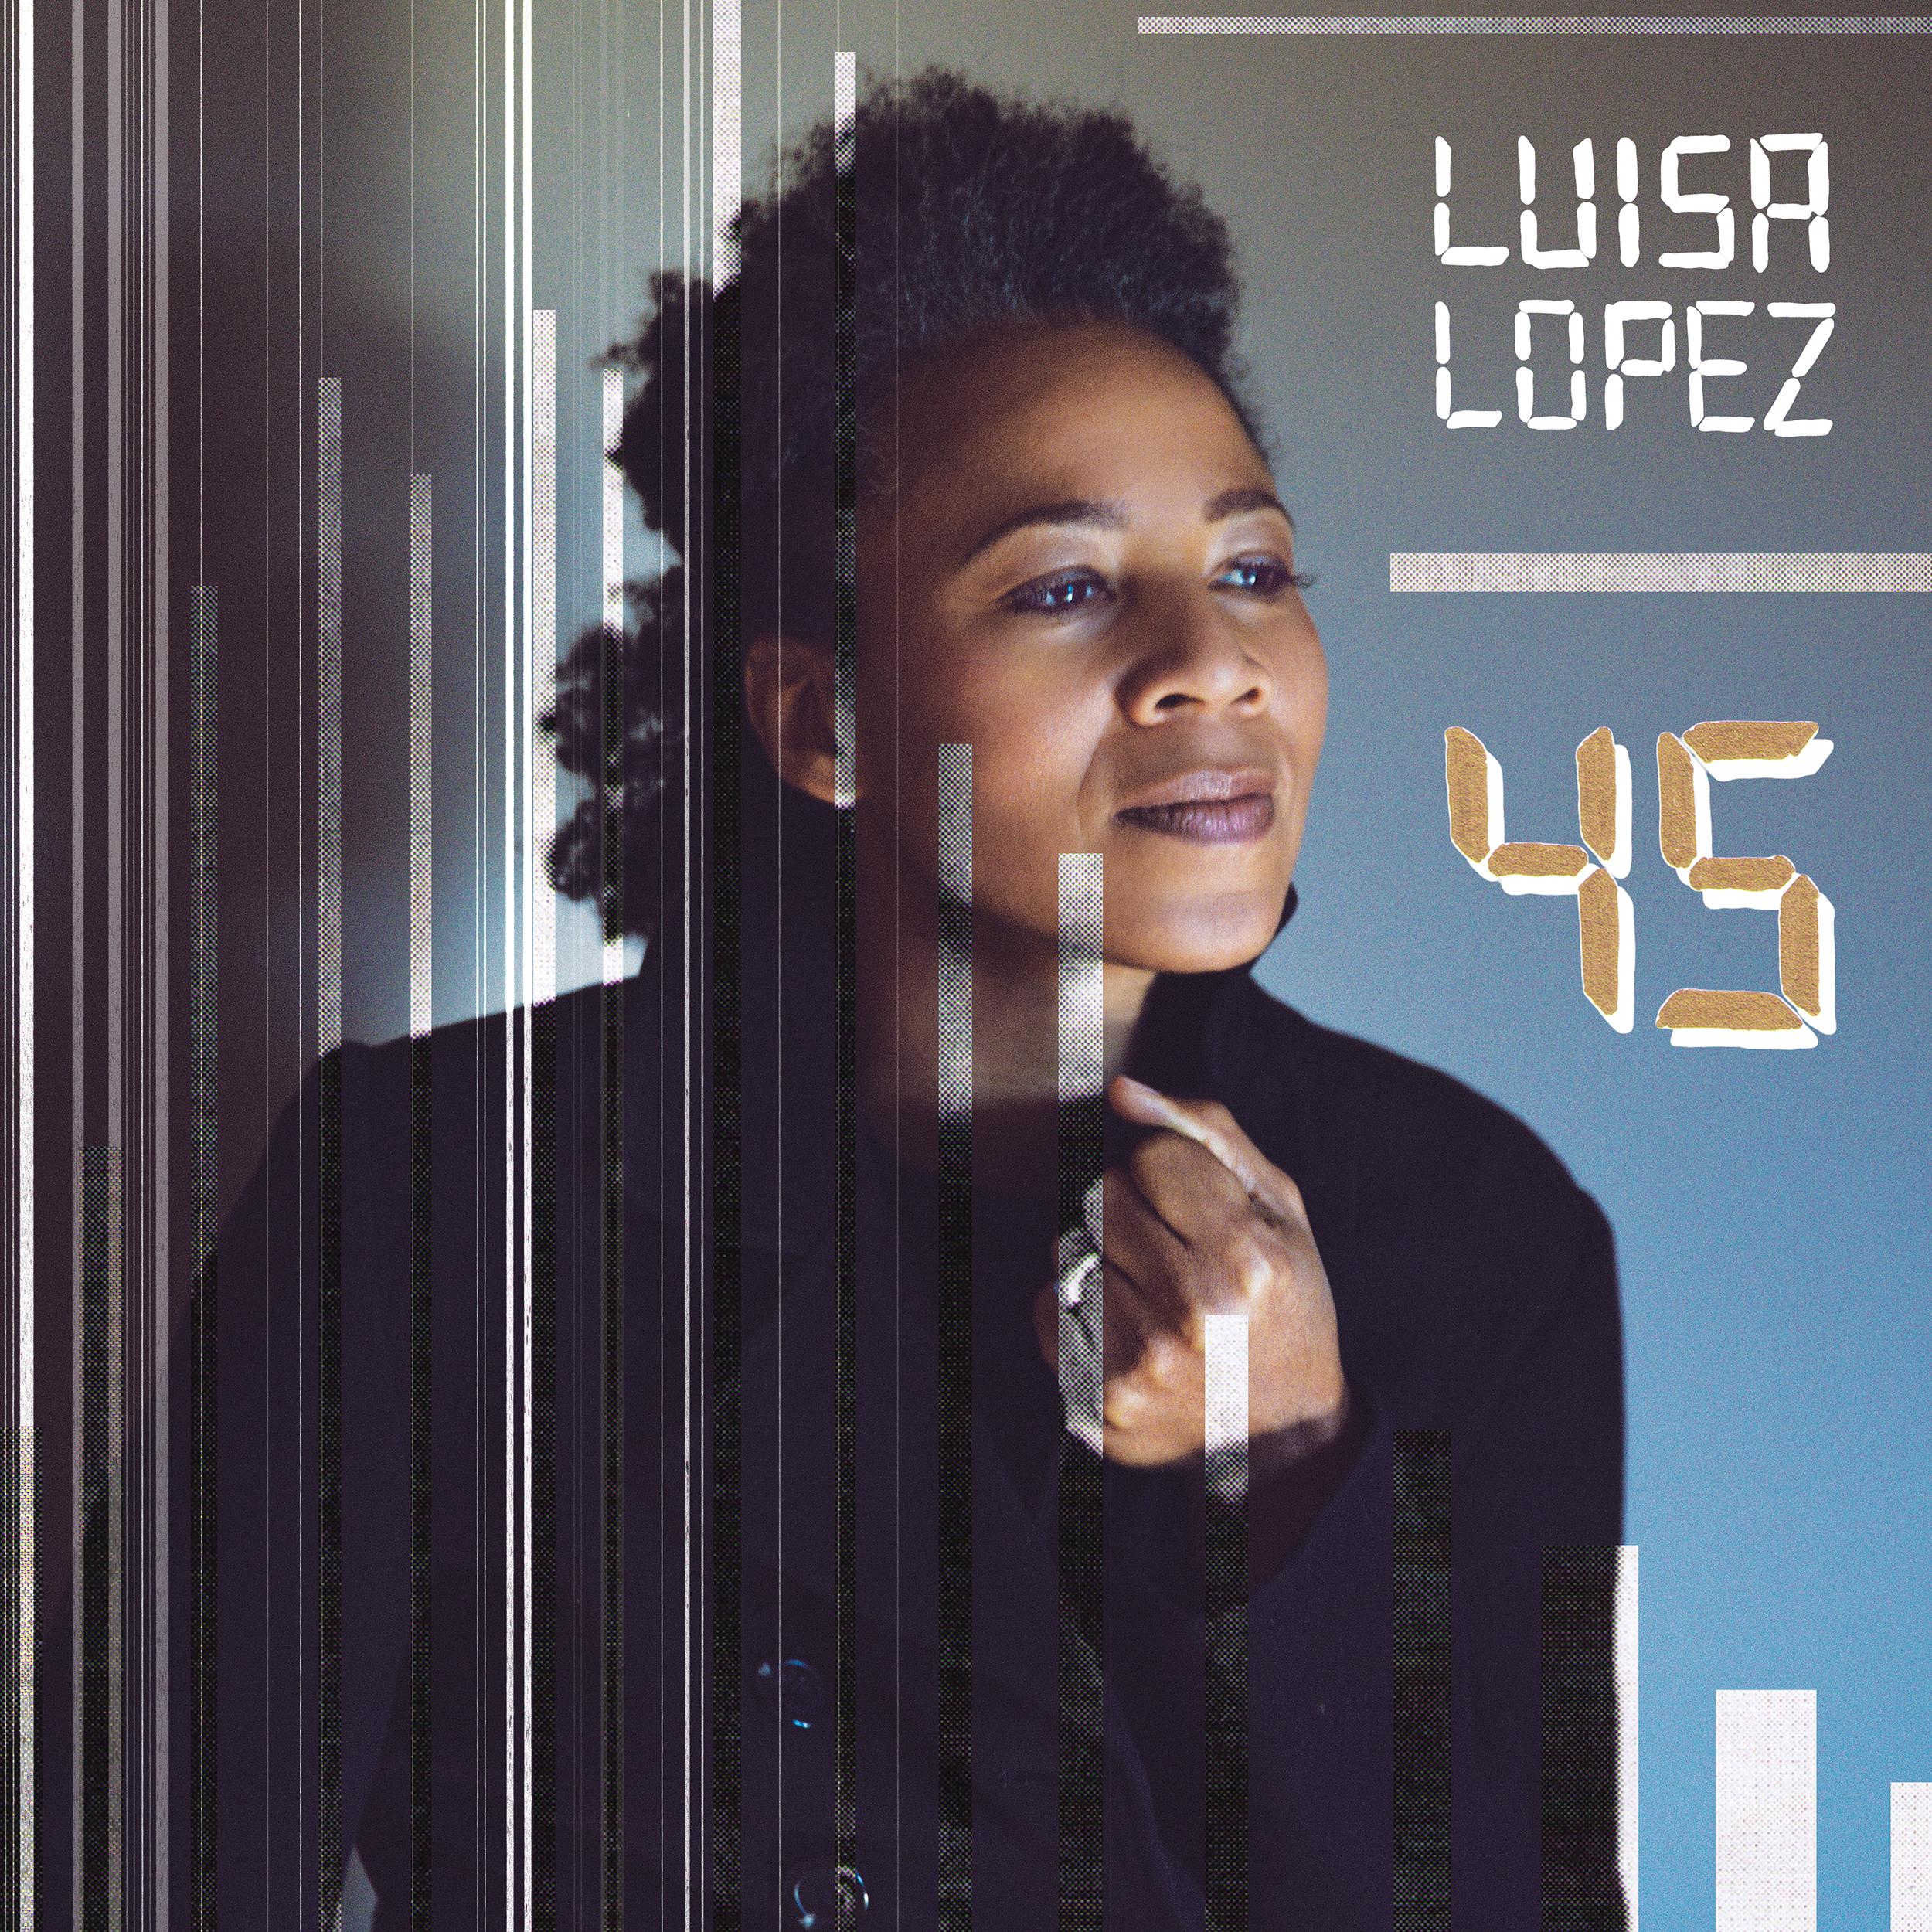 45-Luisa-Lopez-album-cover2500.png